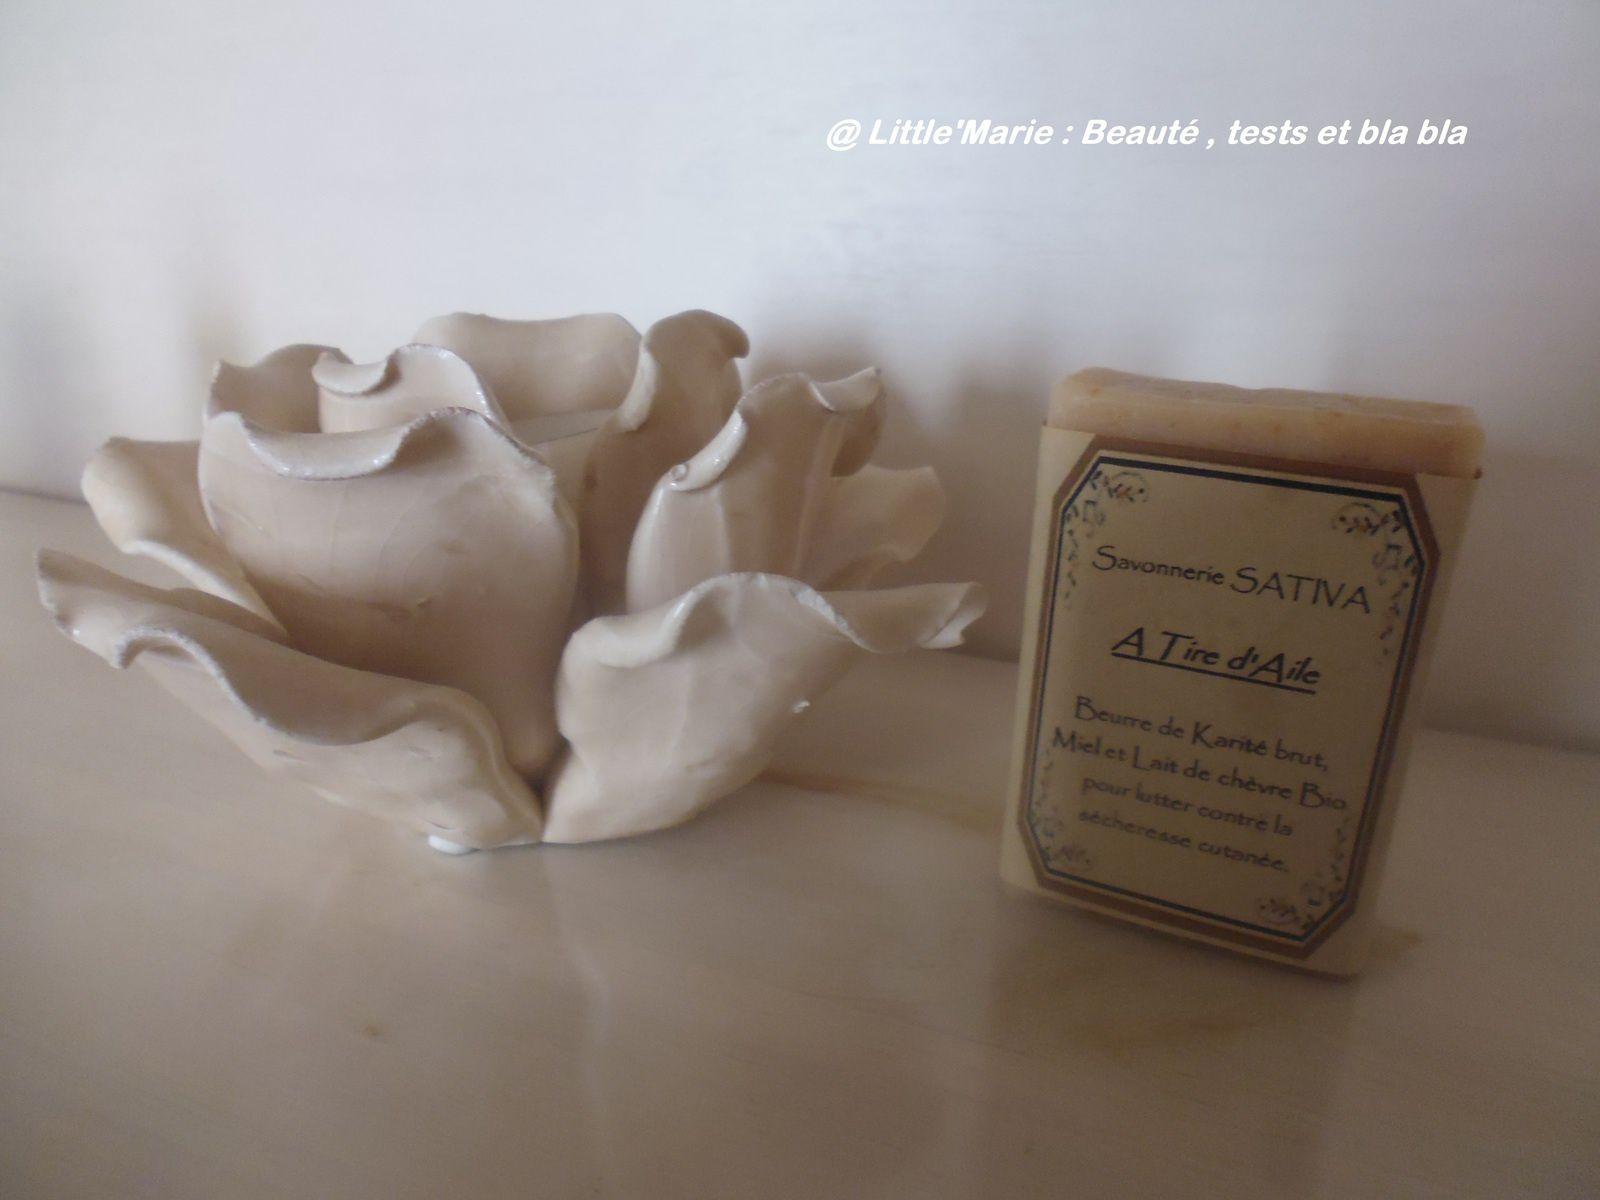 Sativa : une savonnerie authentique qui prend soin de moi :)